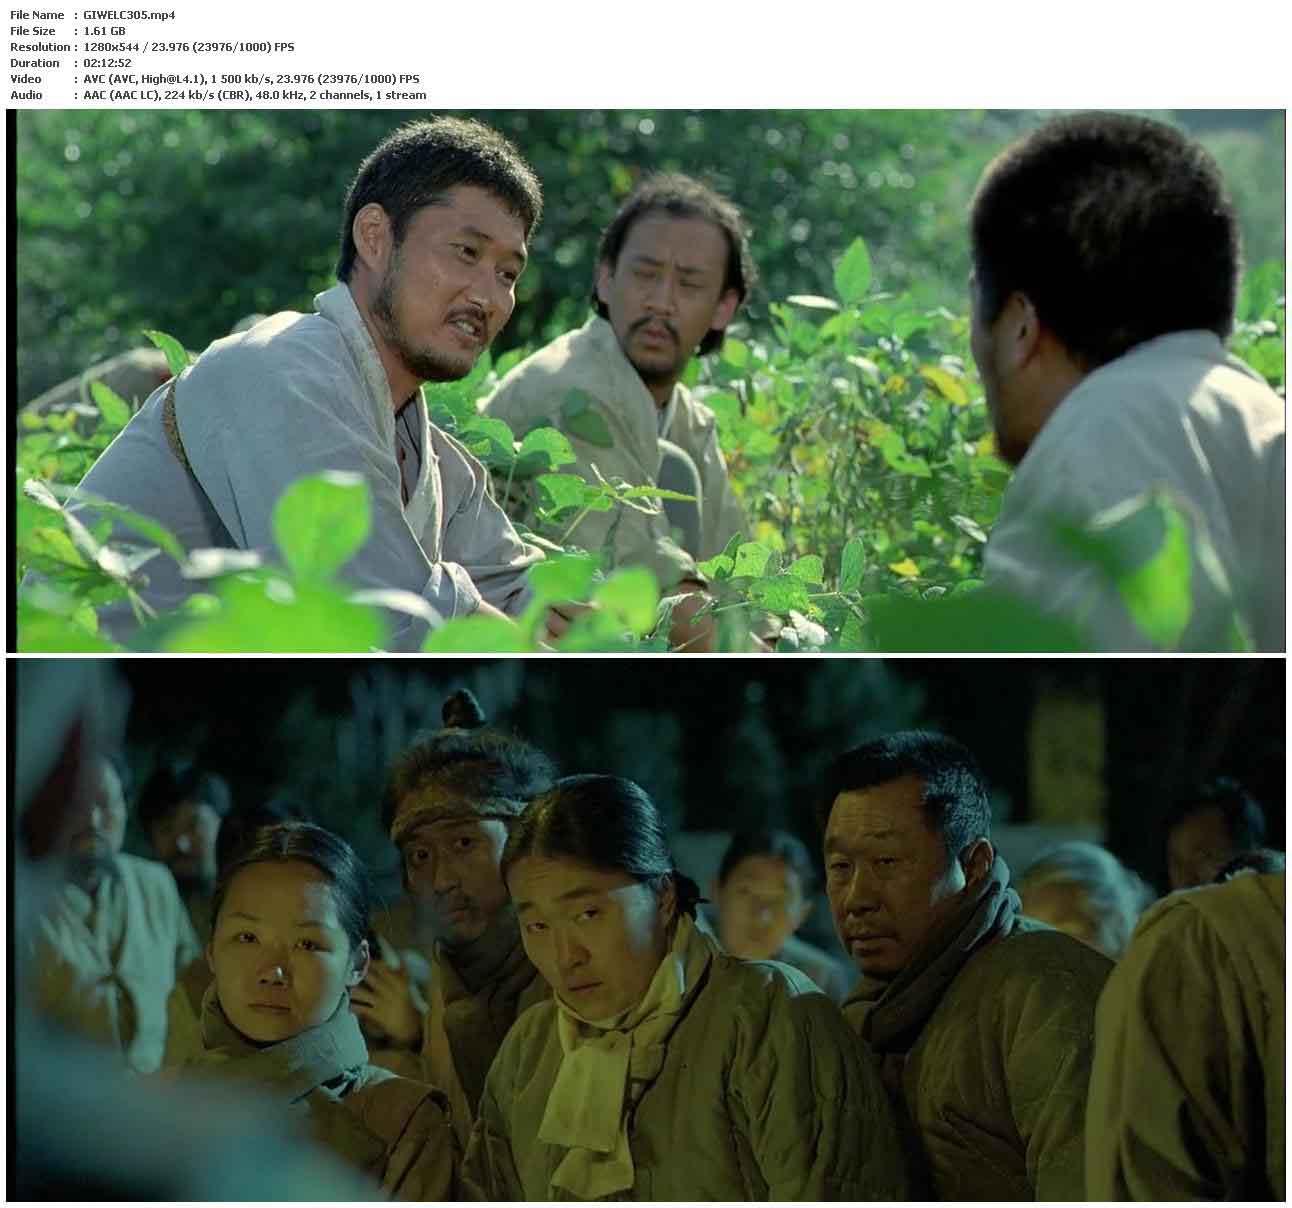 Battle Ground 625 (2005)